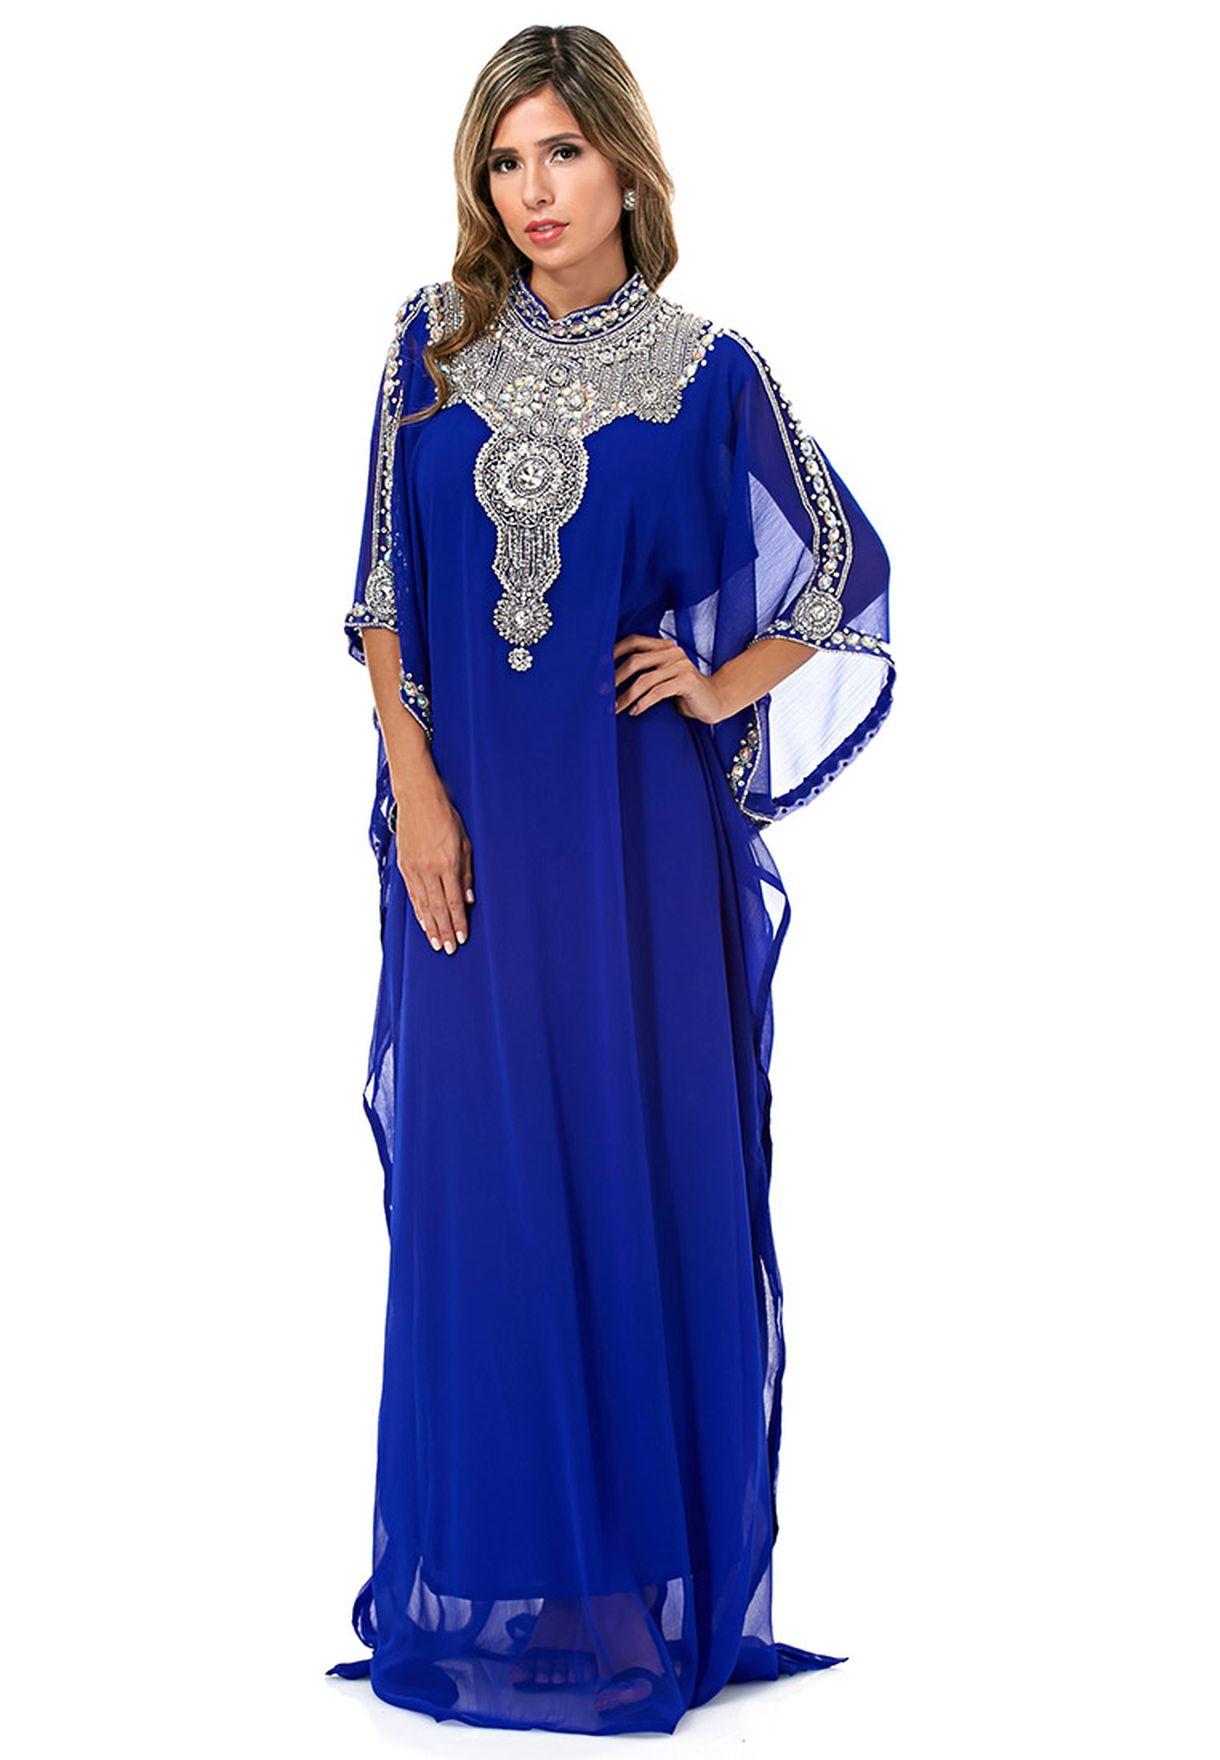 64c9e6c044ae8 تسوق جلابية مزخرفة ماركة هيا كلوزيت لون أزرق في السعودية - HA212AT10BOV